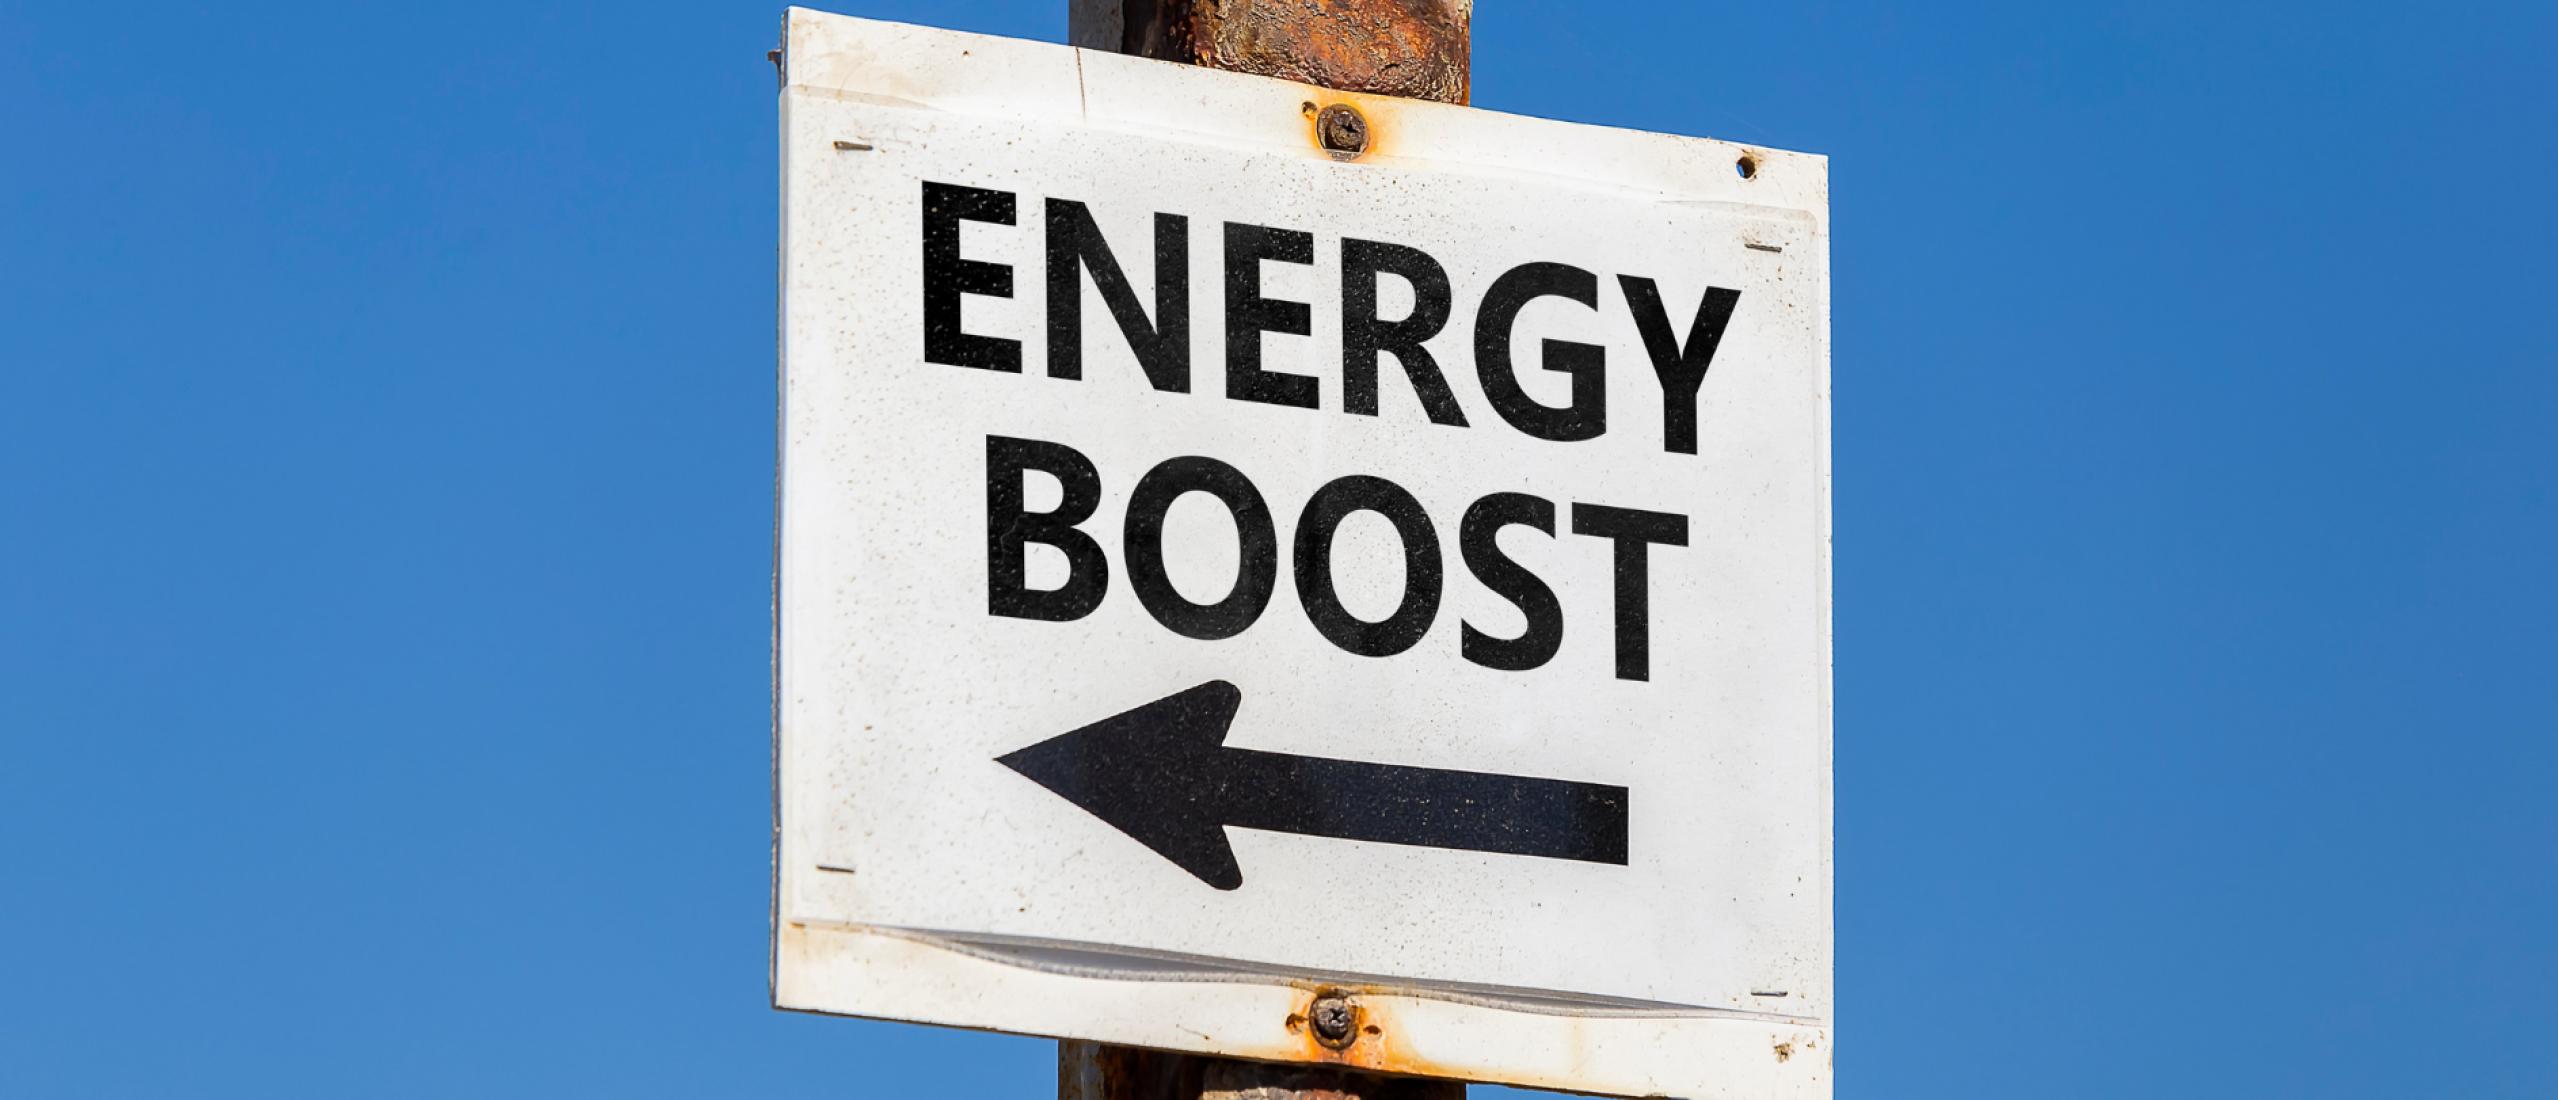 Minder Stress met meer Energie - 7 manieren om je energie te boosten